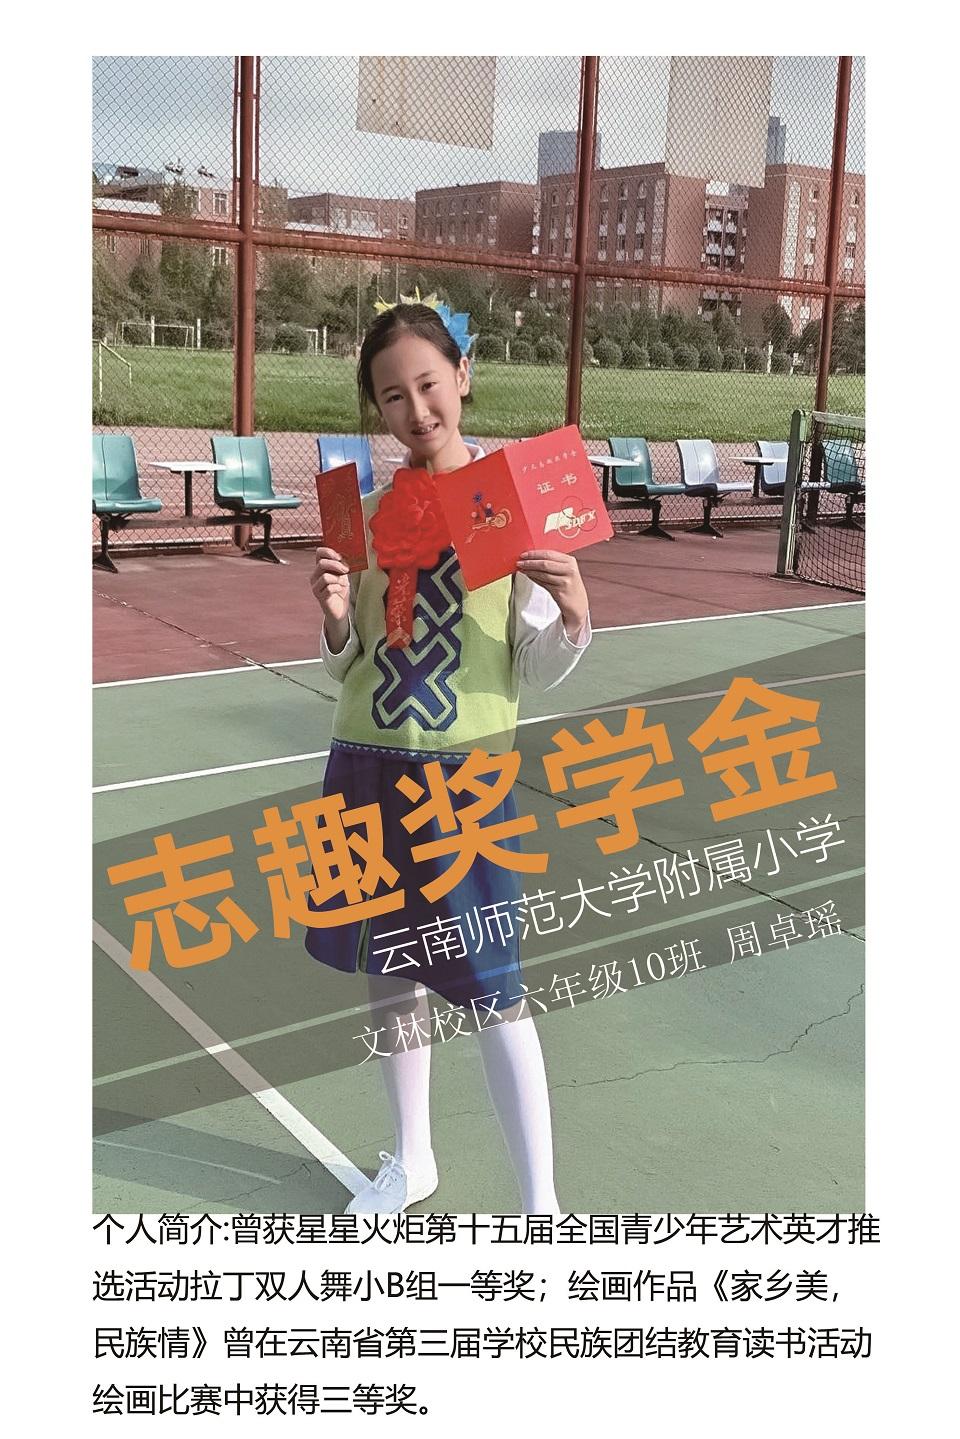 周卓瑶获志趣奖学金